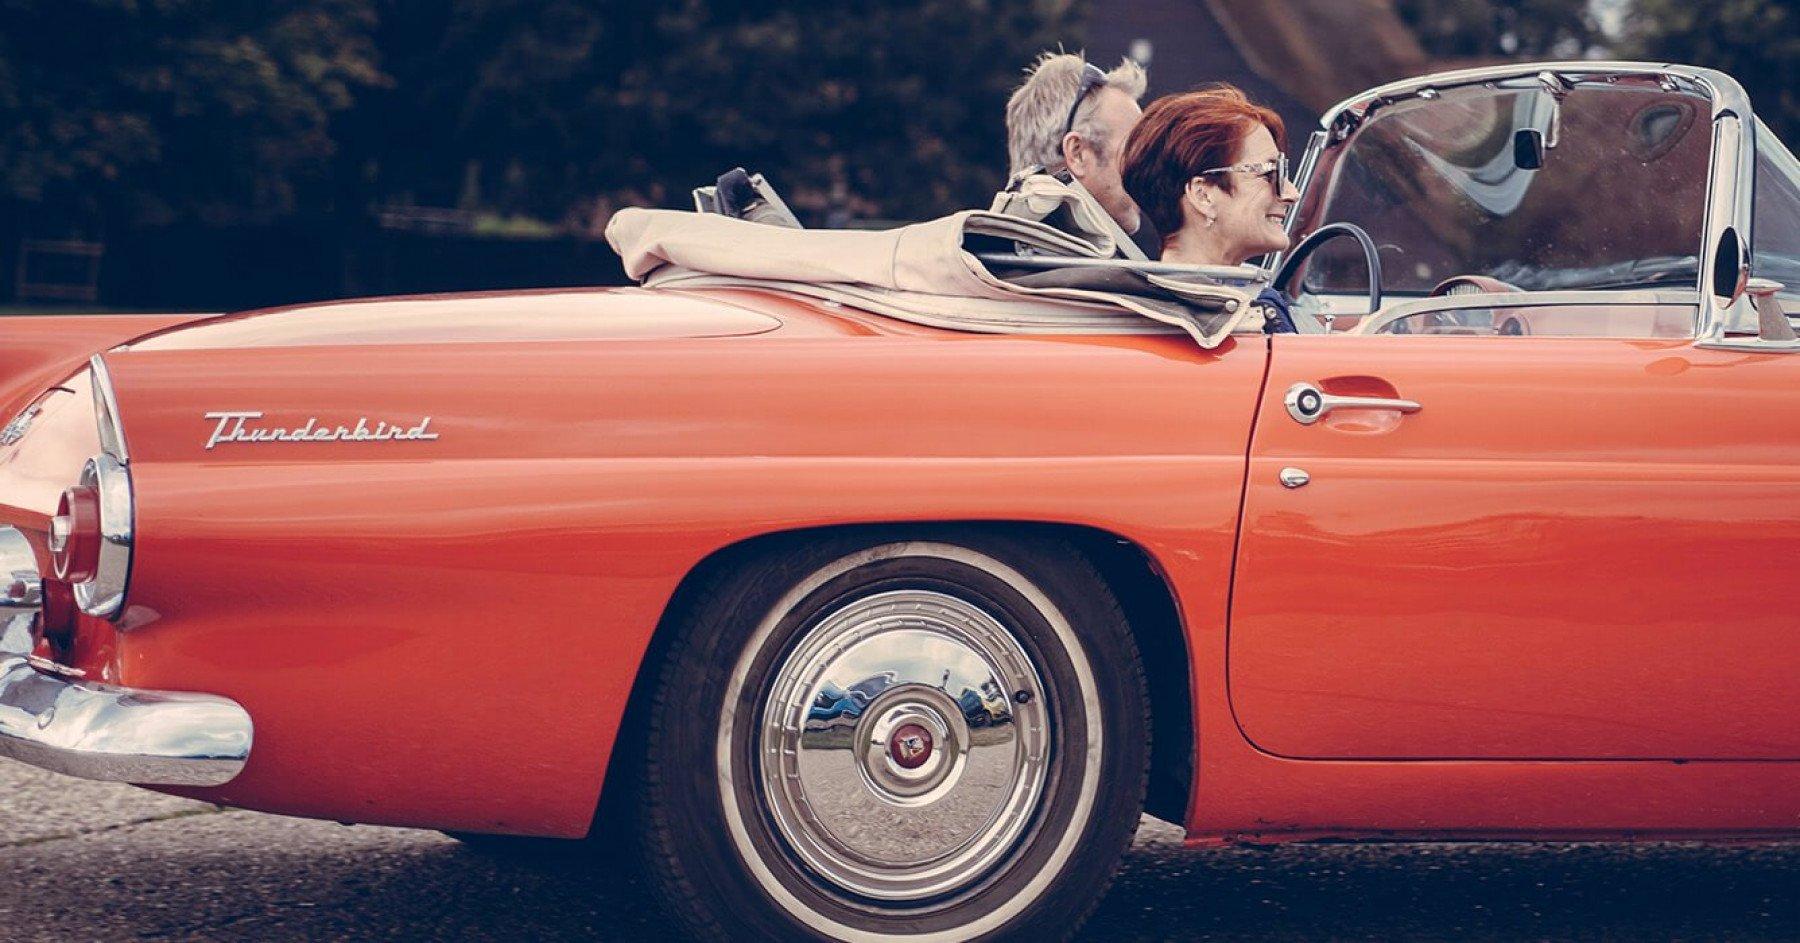 En man och en kvinna kör en klassisk veteranbil